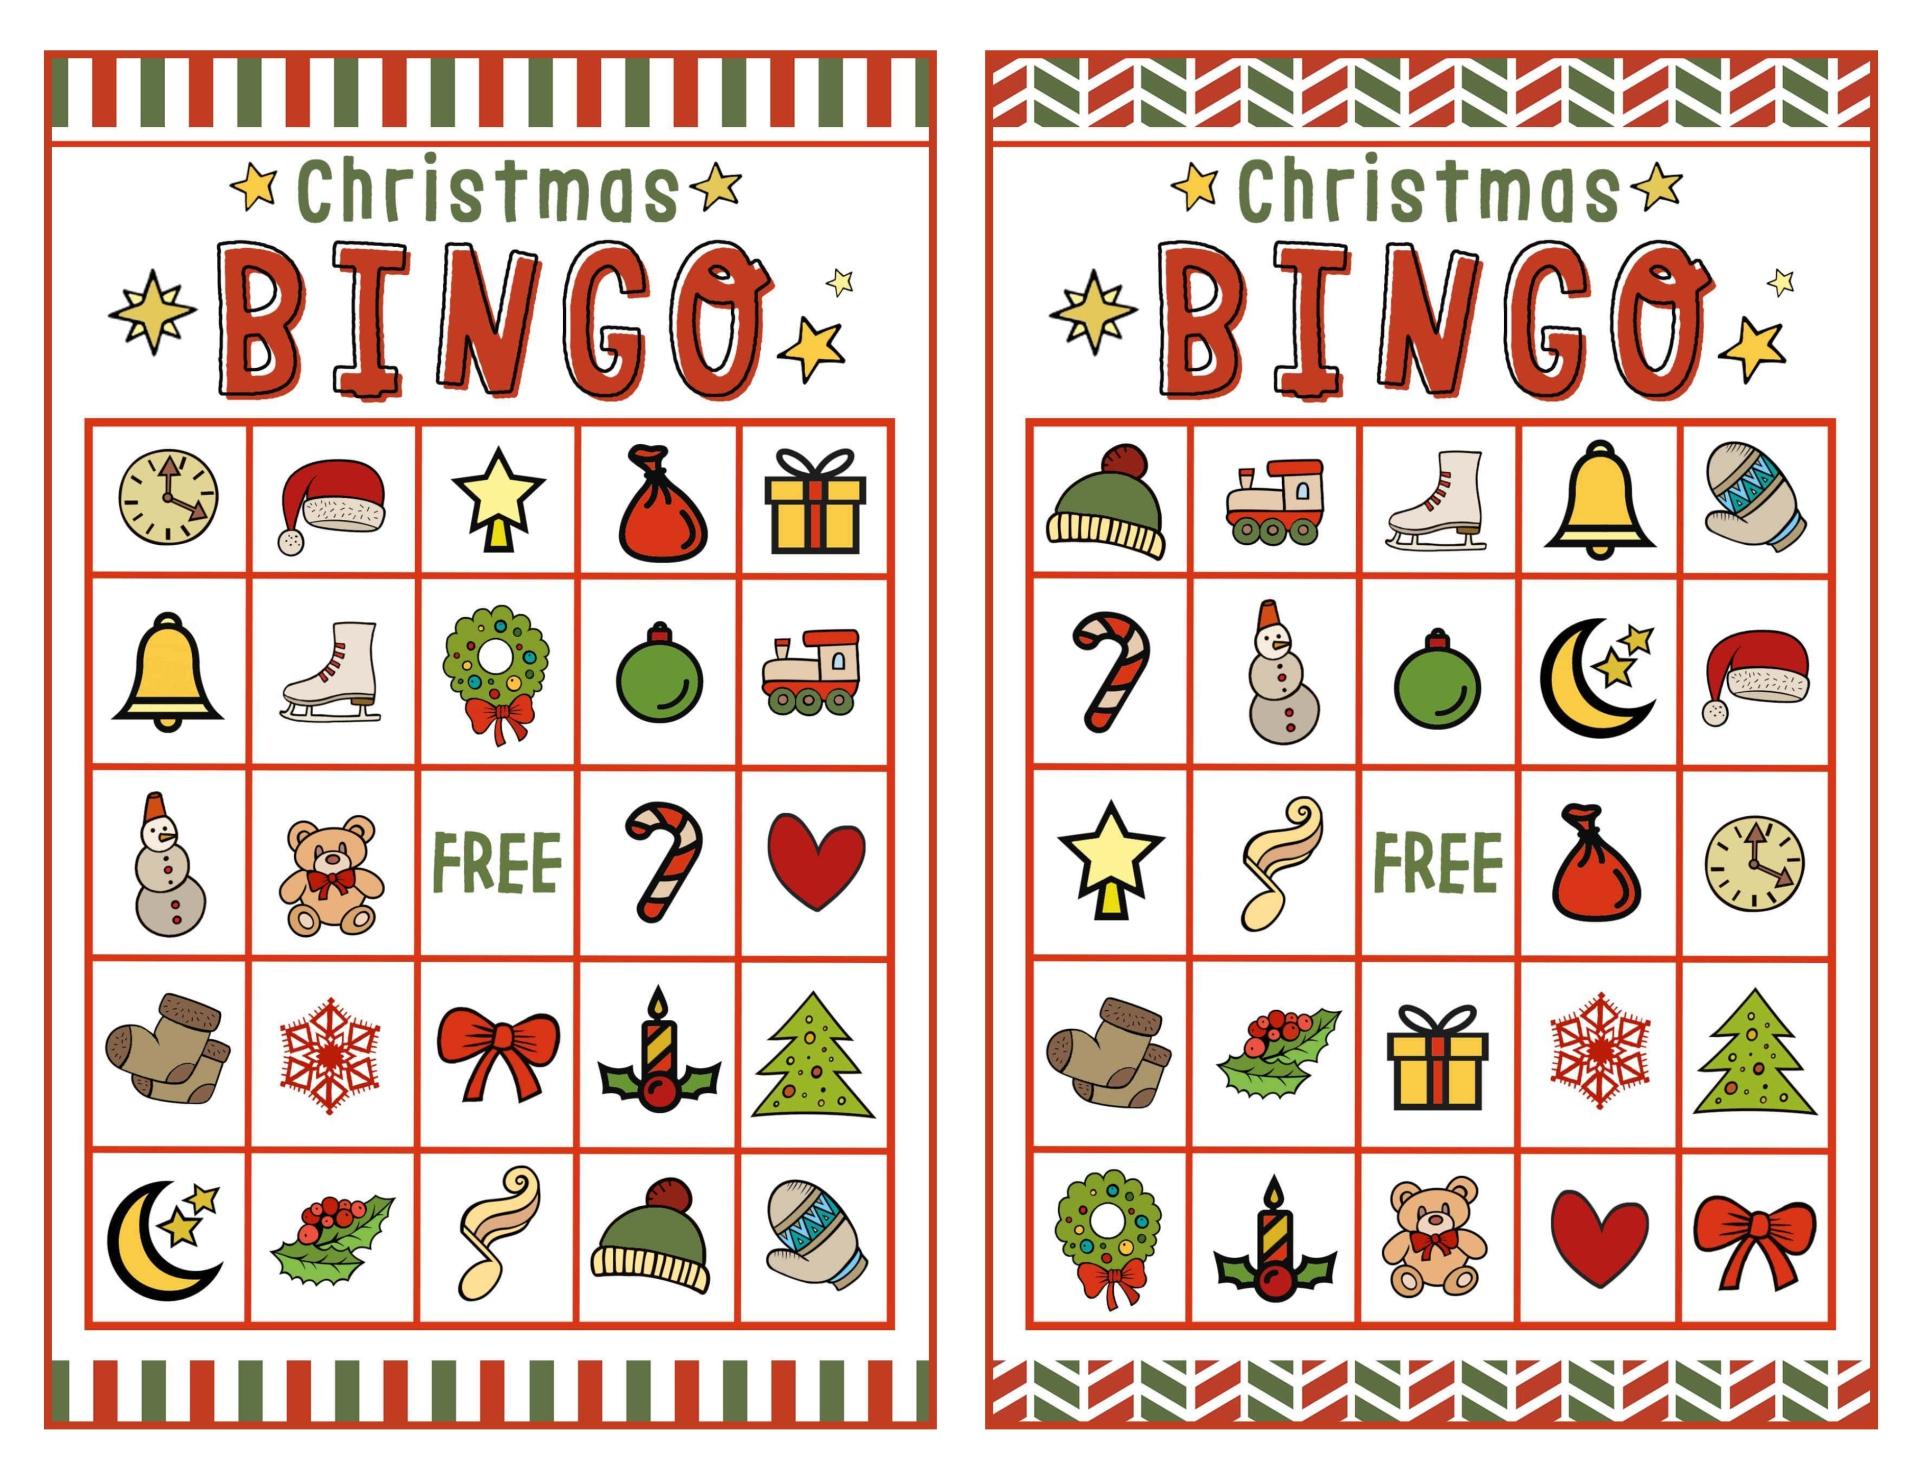 Christian Printable Christmas Bingo Sheets